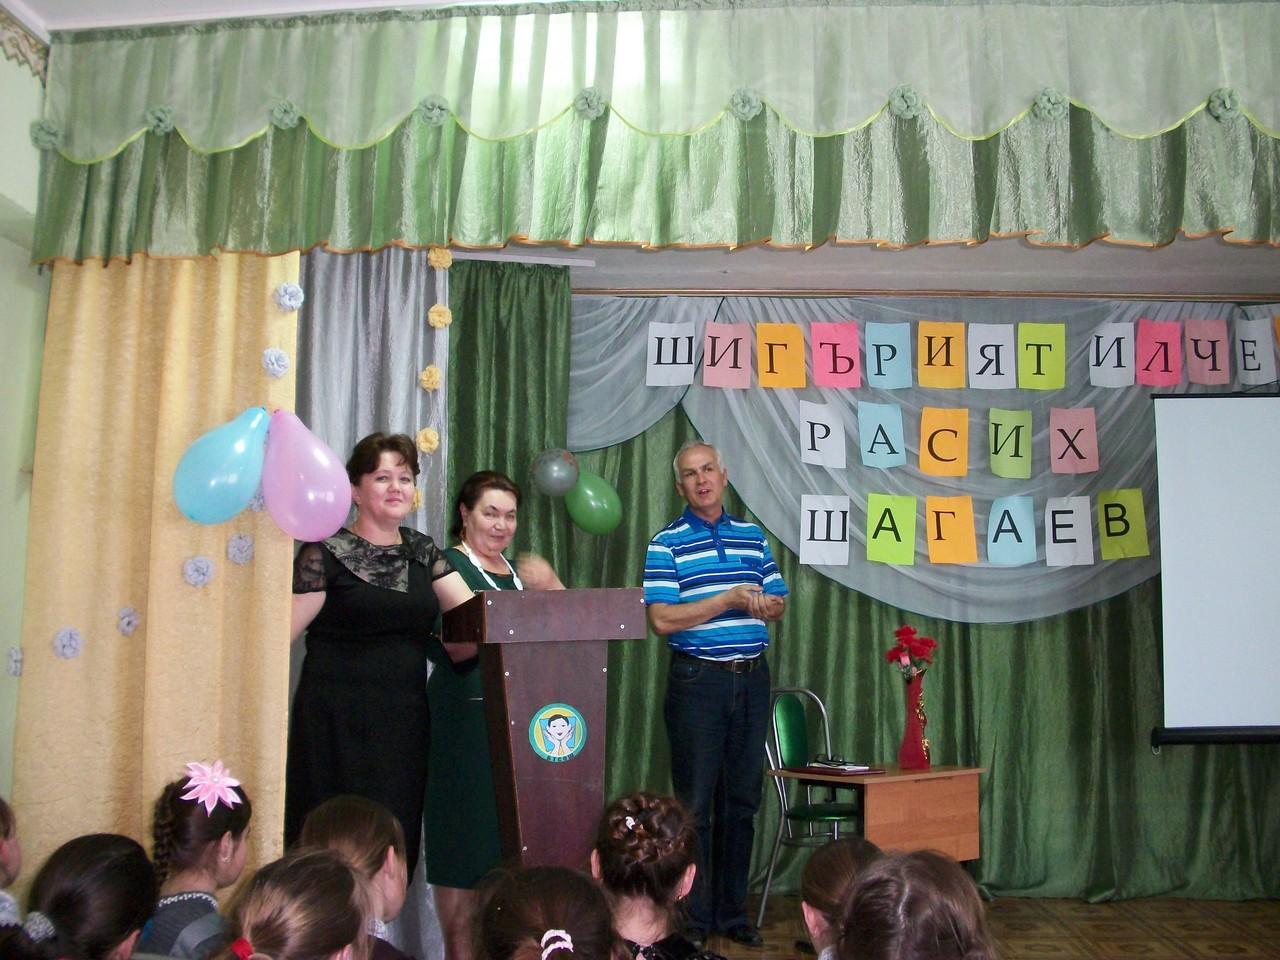 Шигърият илчесе - Расих Шагаев